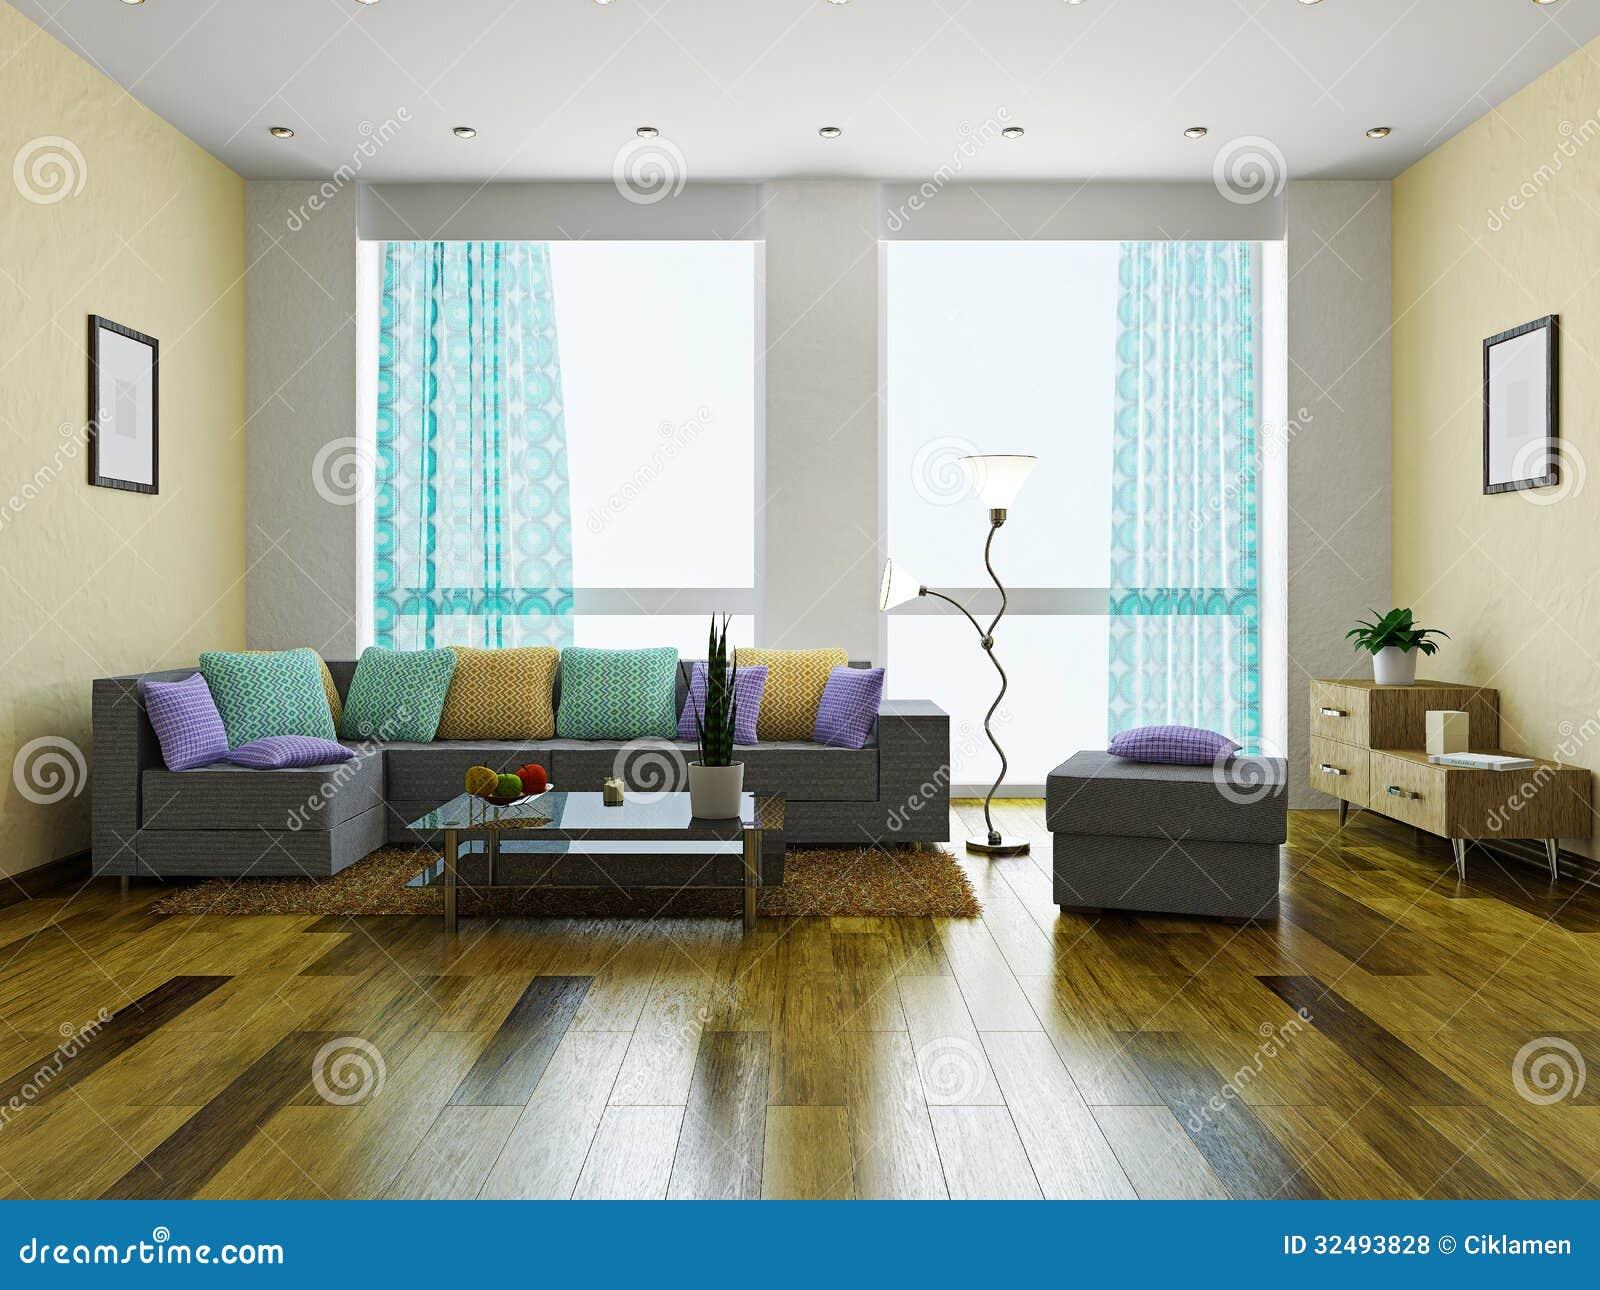 Sala de estar con muebles fotos de archivo libres de - Muebles de salita de estar ...